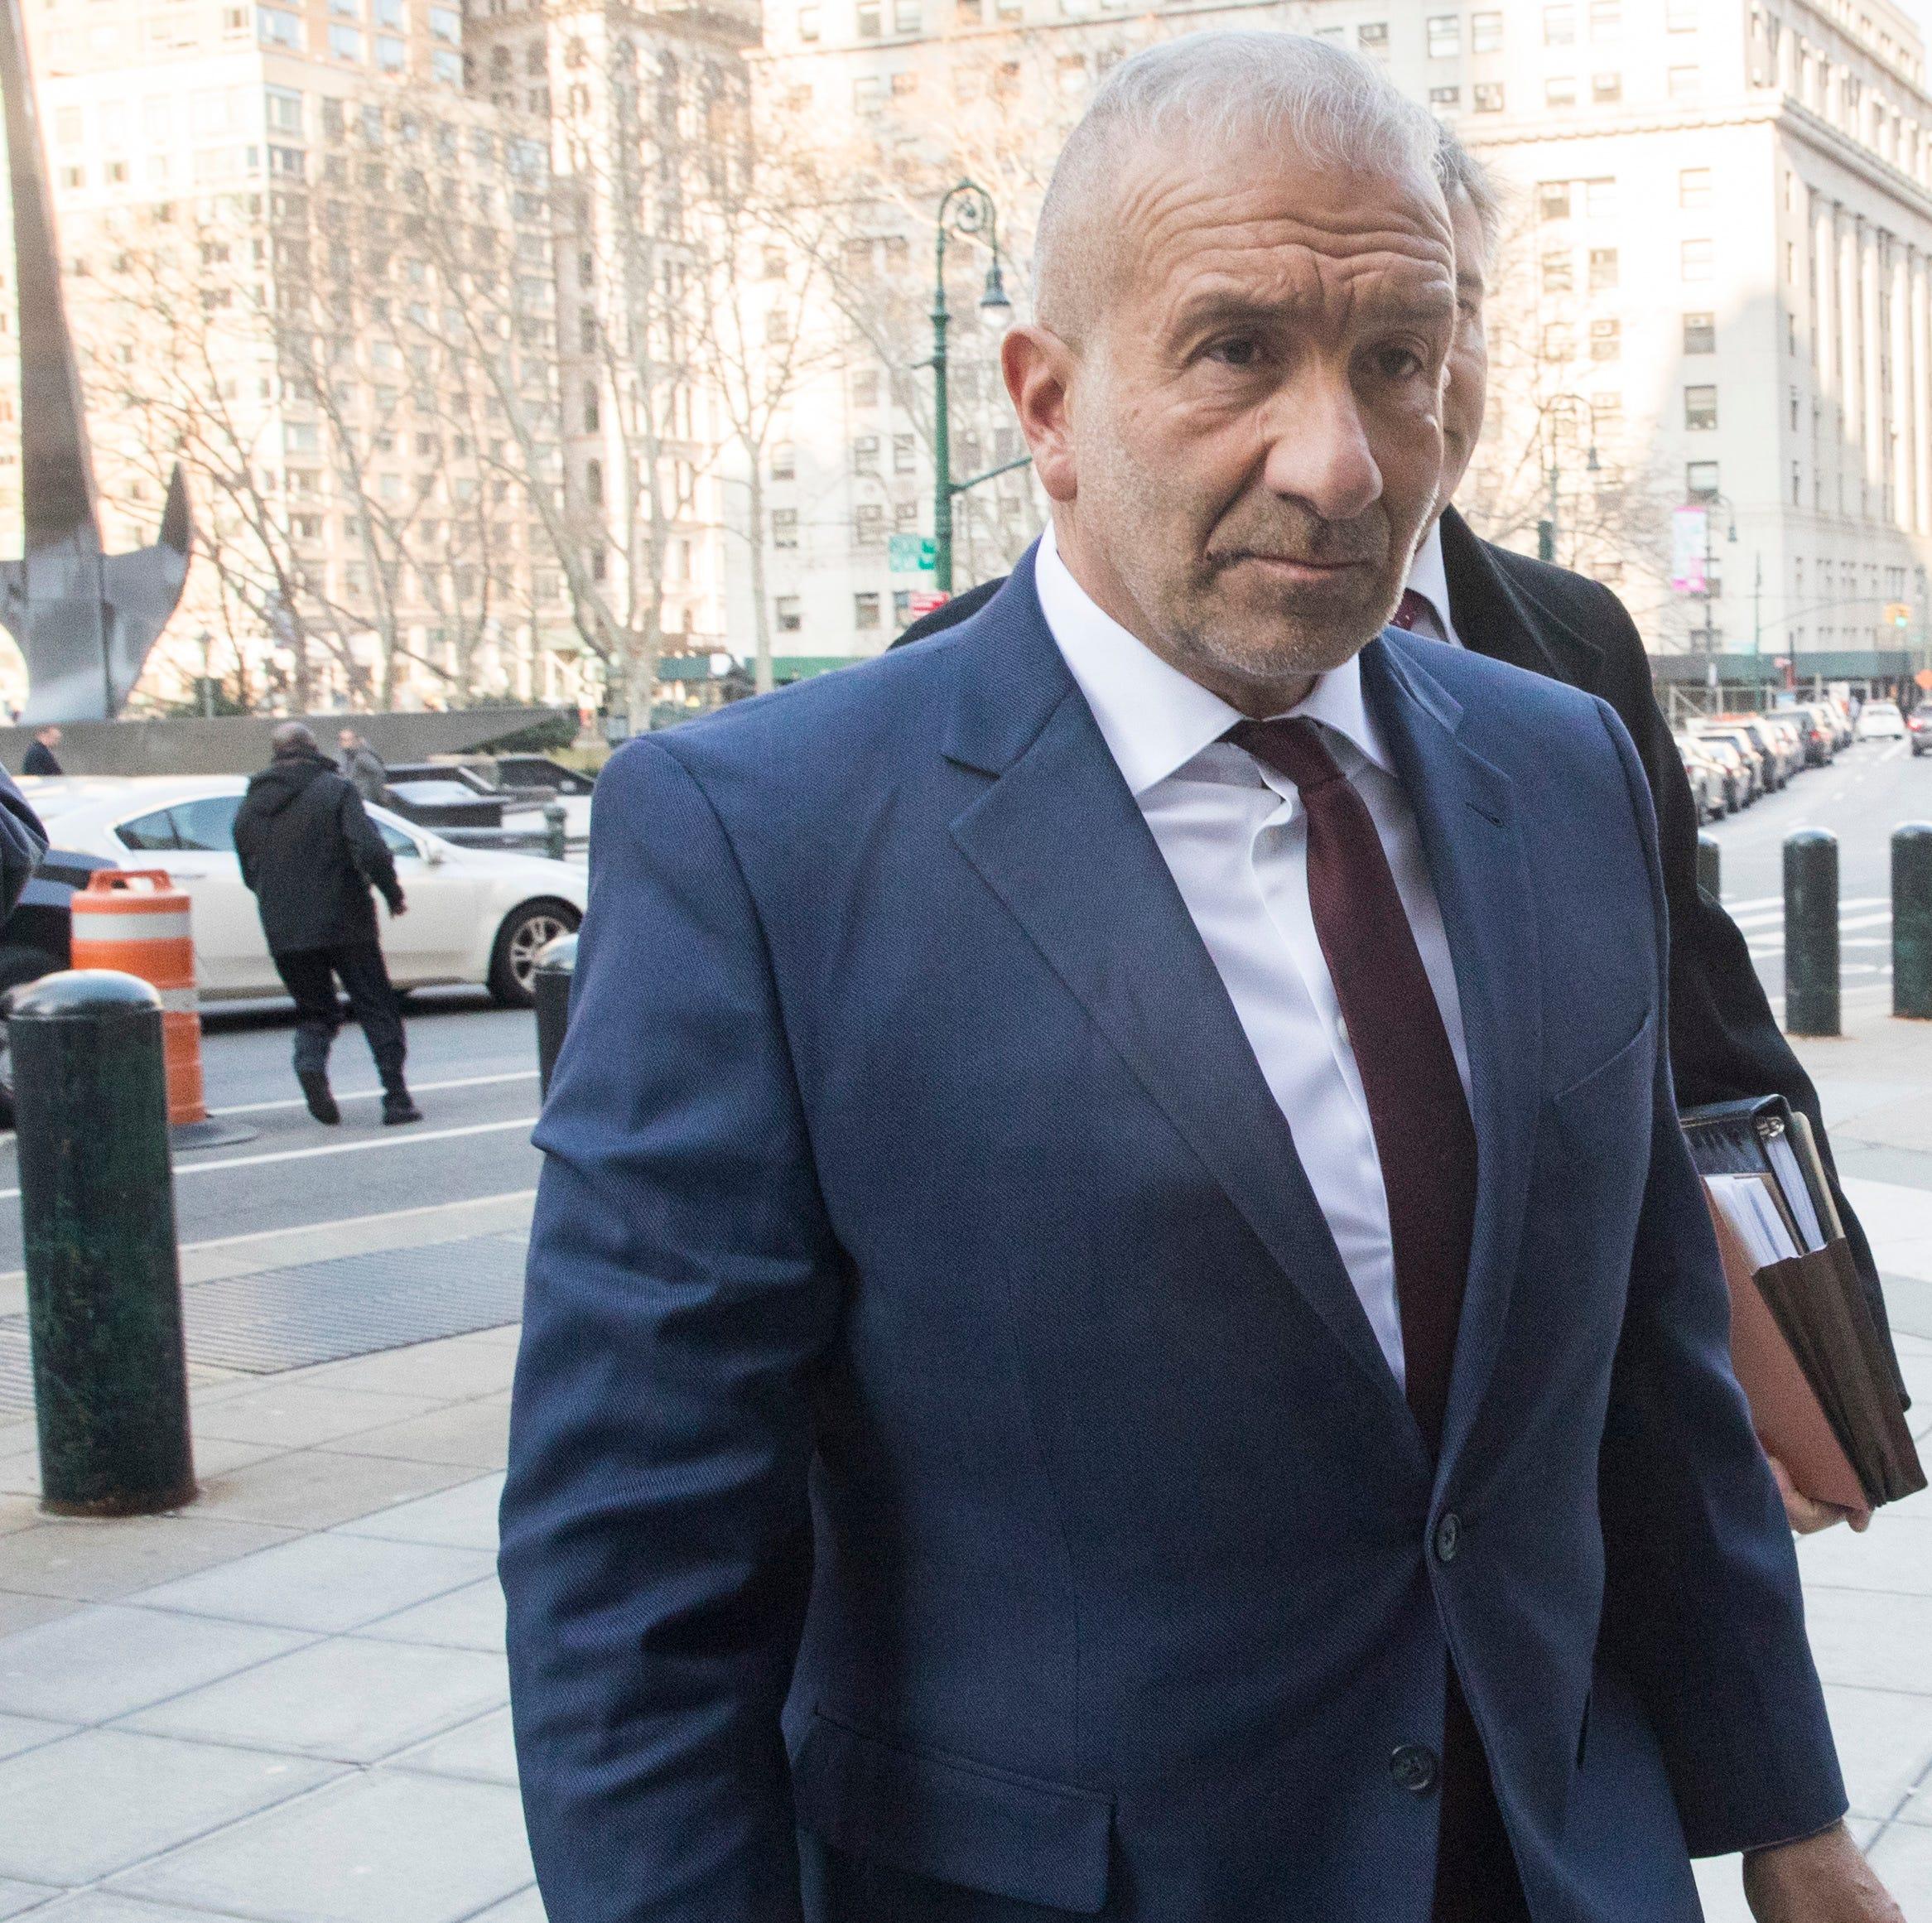 Alain Kaloyeros, SUNY Poly founder, gets 3 1/2 years in prison in Buffalo Billion case